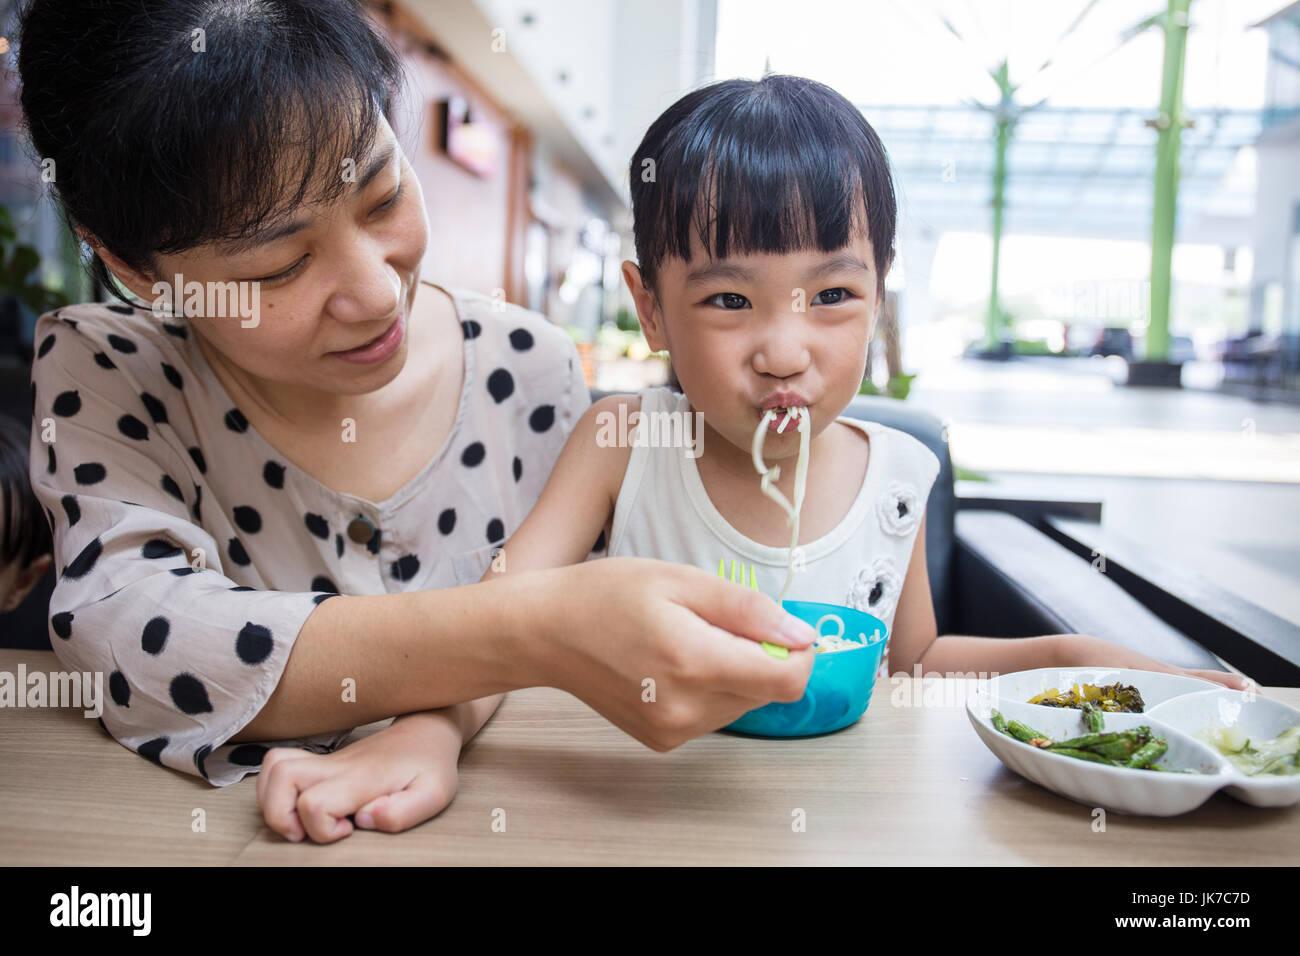 Asiatische chinesische Mutter und Tochter essen Rindfleisch Nudeln im Café im freien Stockbild